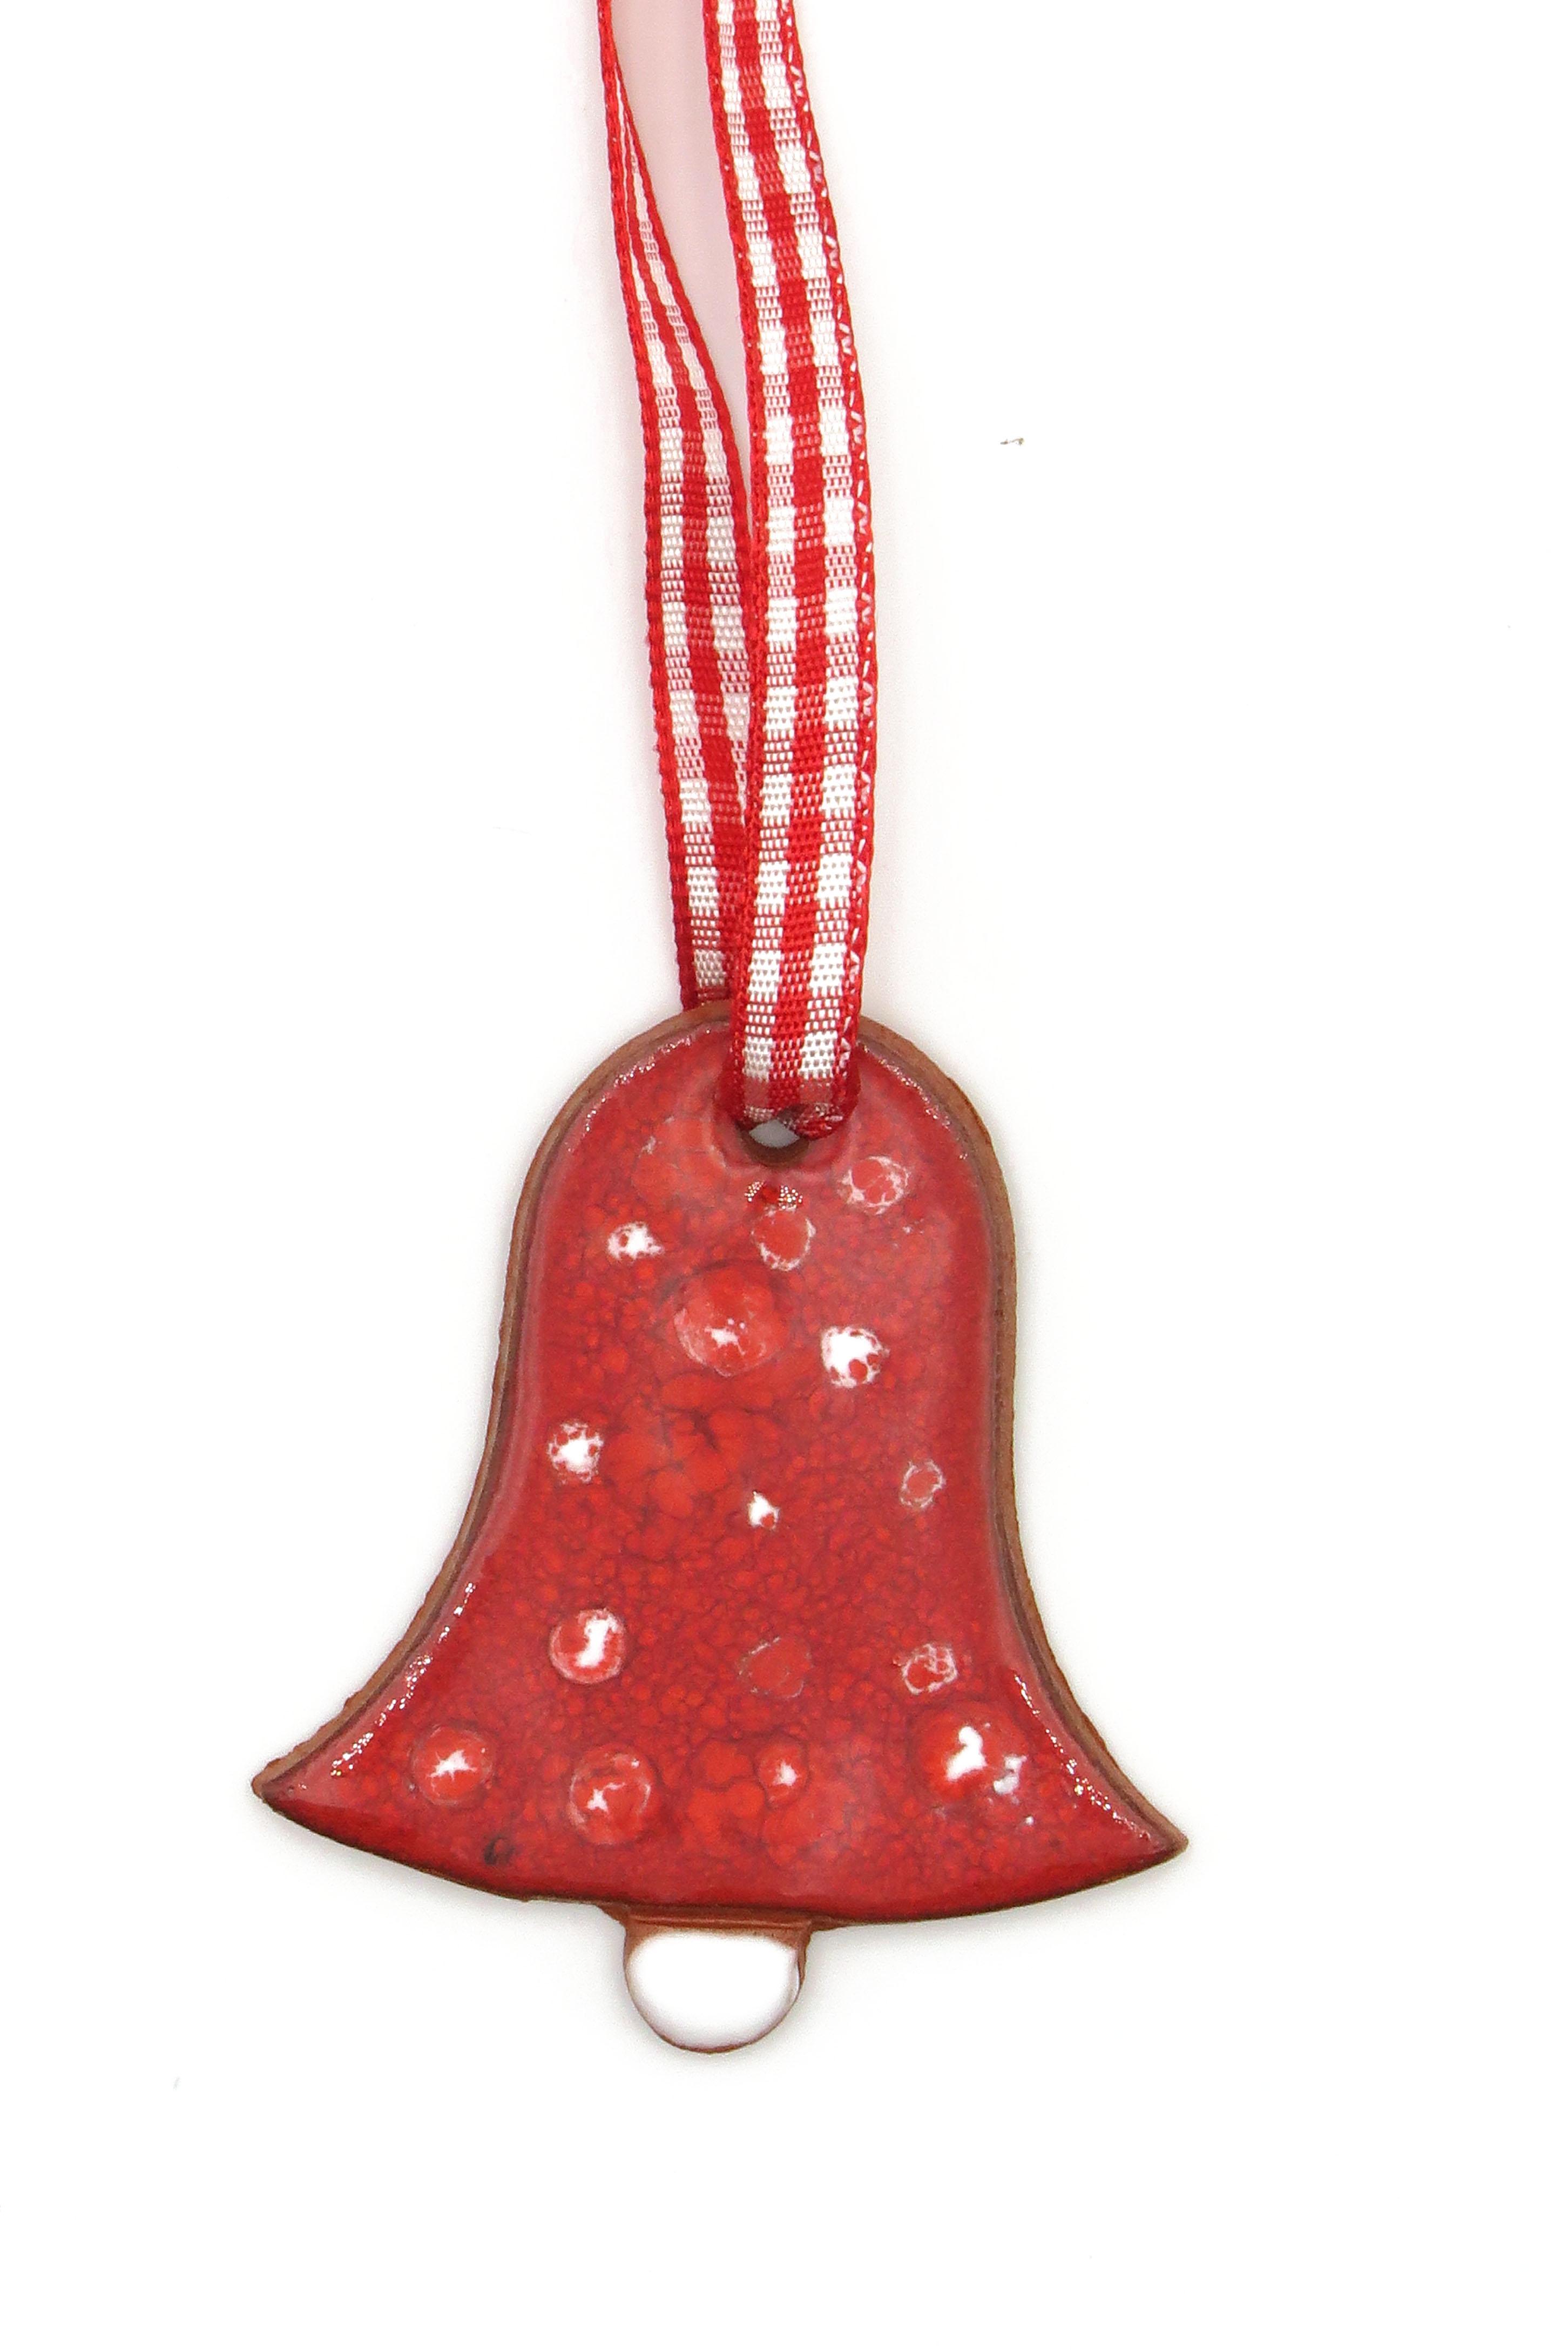 Glocke Geschenk Anhänger Weihnachten rot/ M 5cm